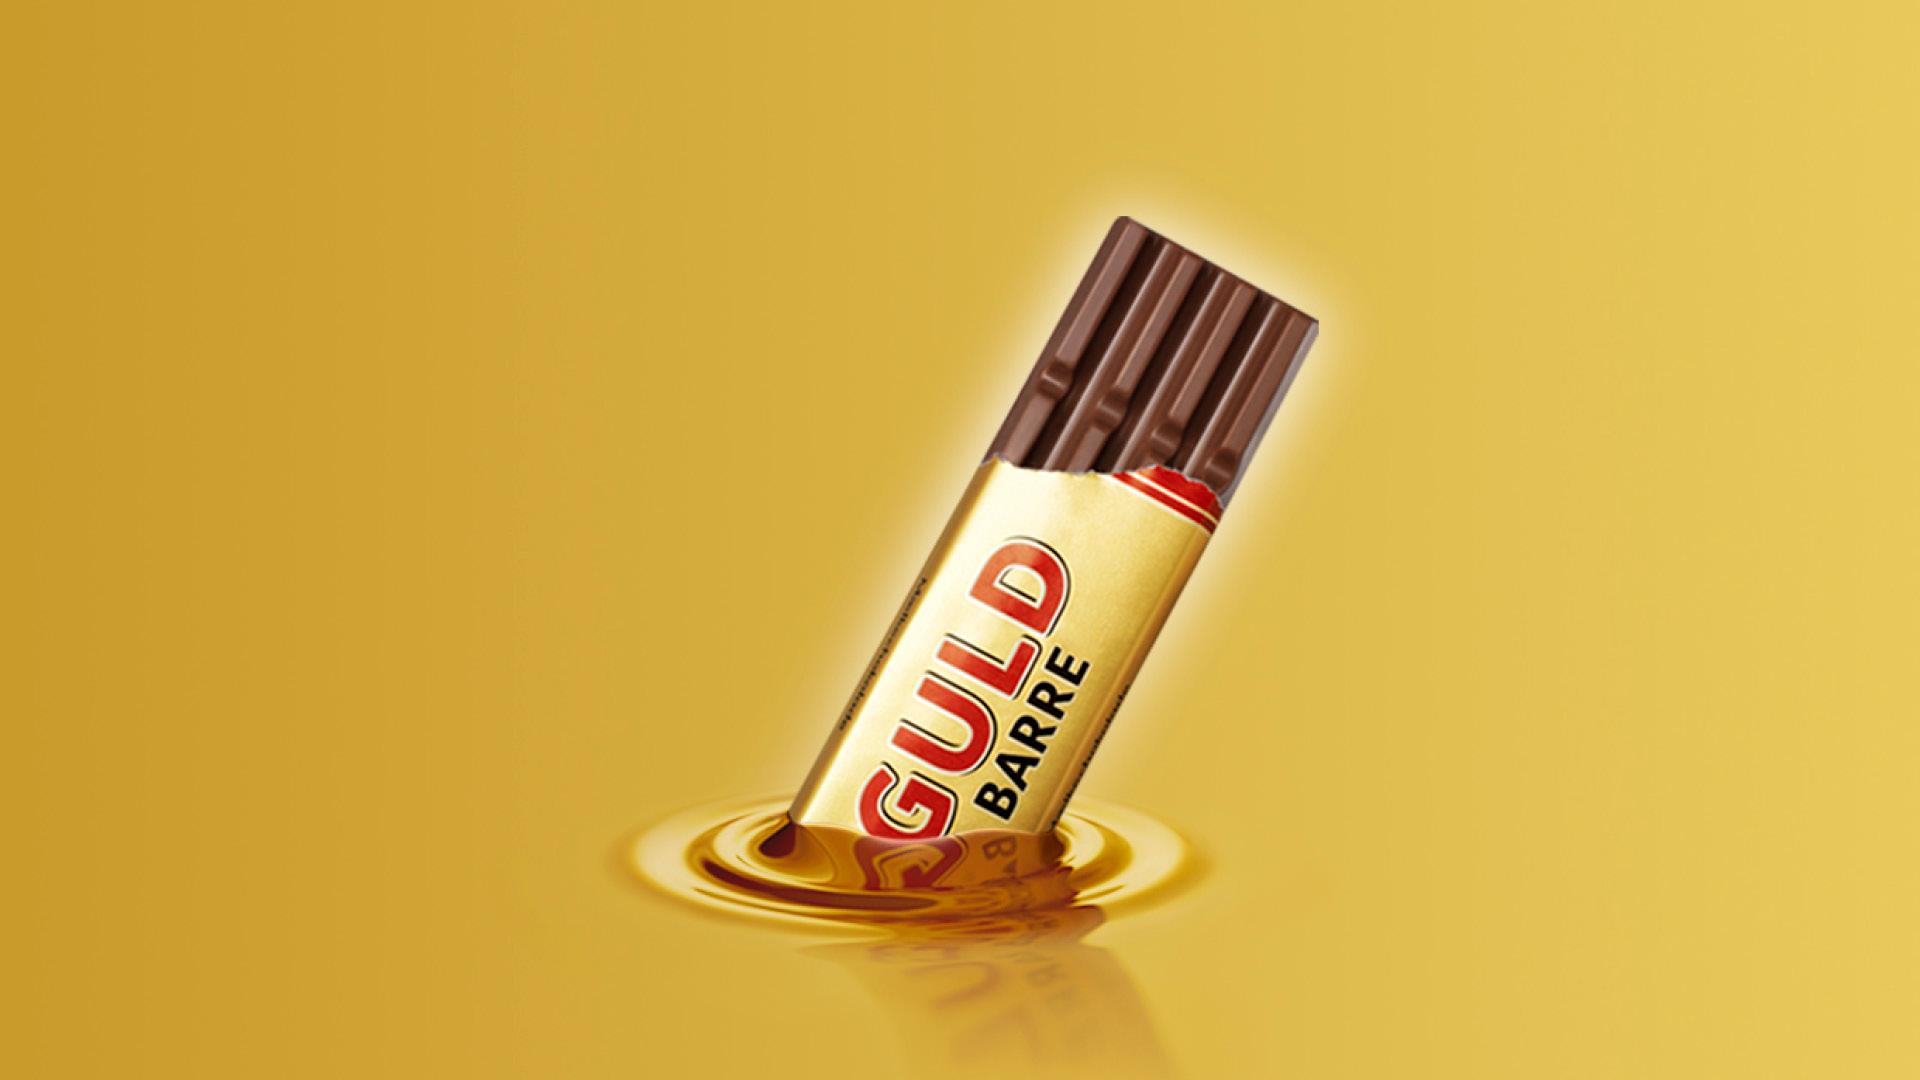 Toms Guldbarre halvt åben og halvt nedsunket i flydende guld på guldbaggrund